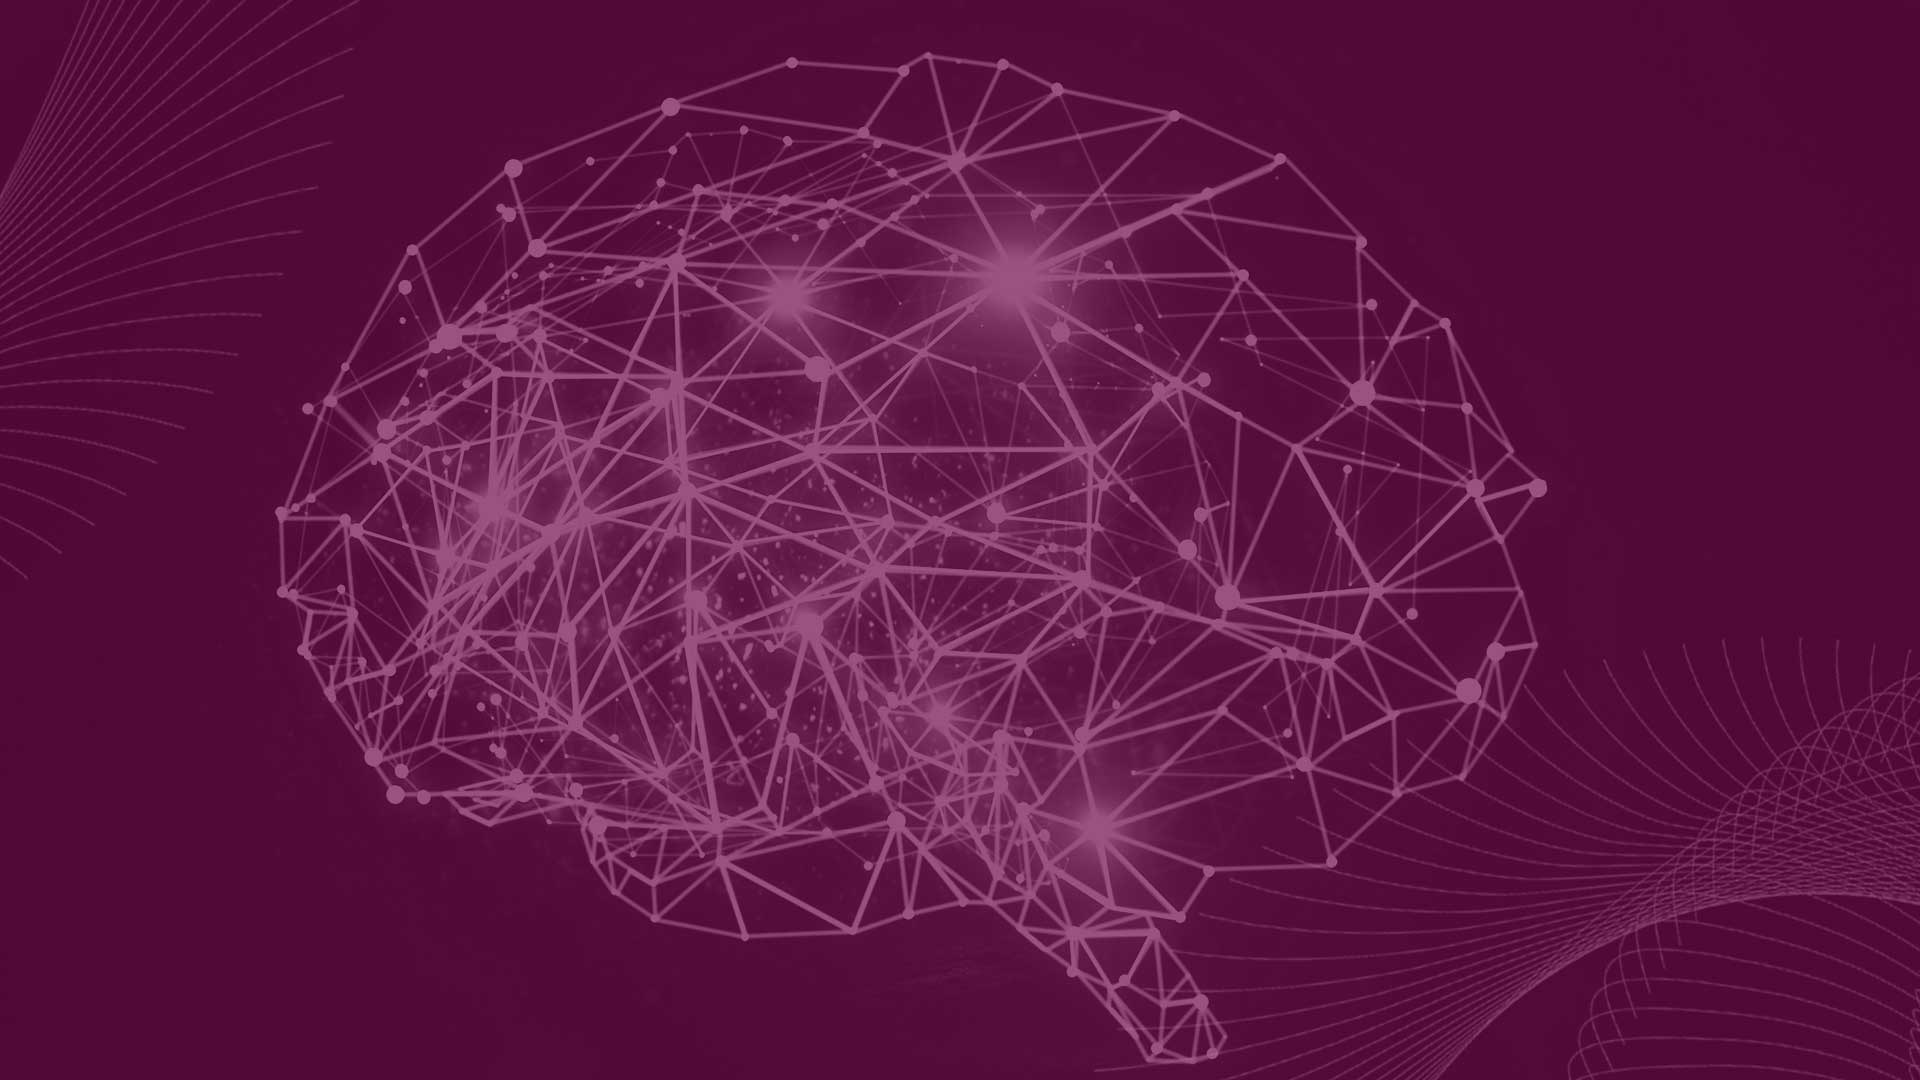 neuronale-rekonditionierung-poster